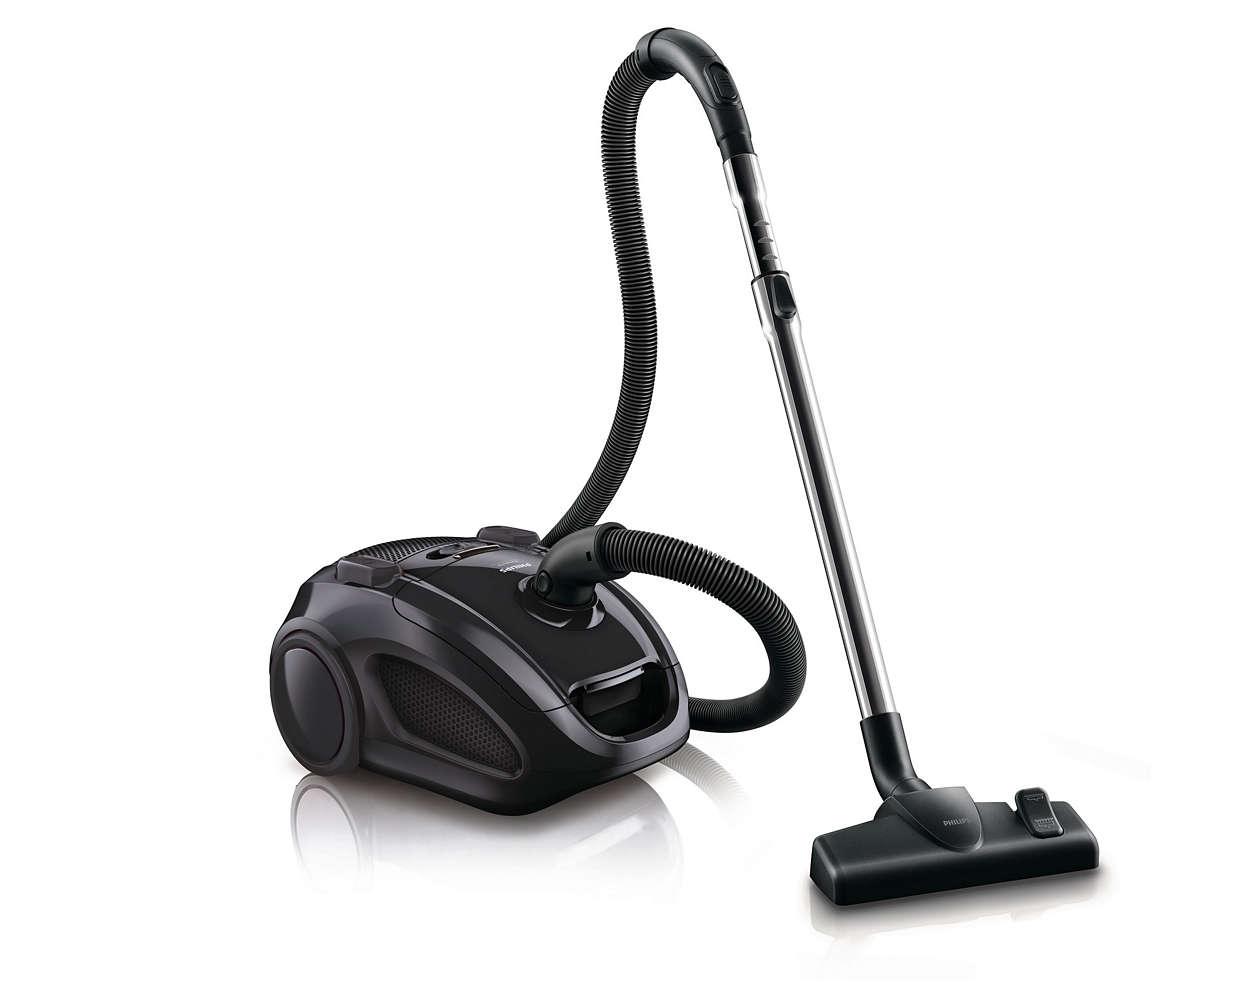 Desfrute de um chão verdadeiramente limpo